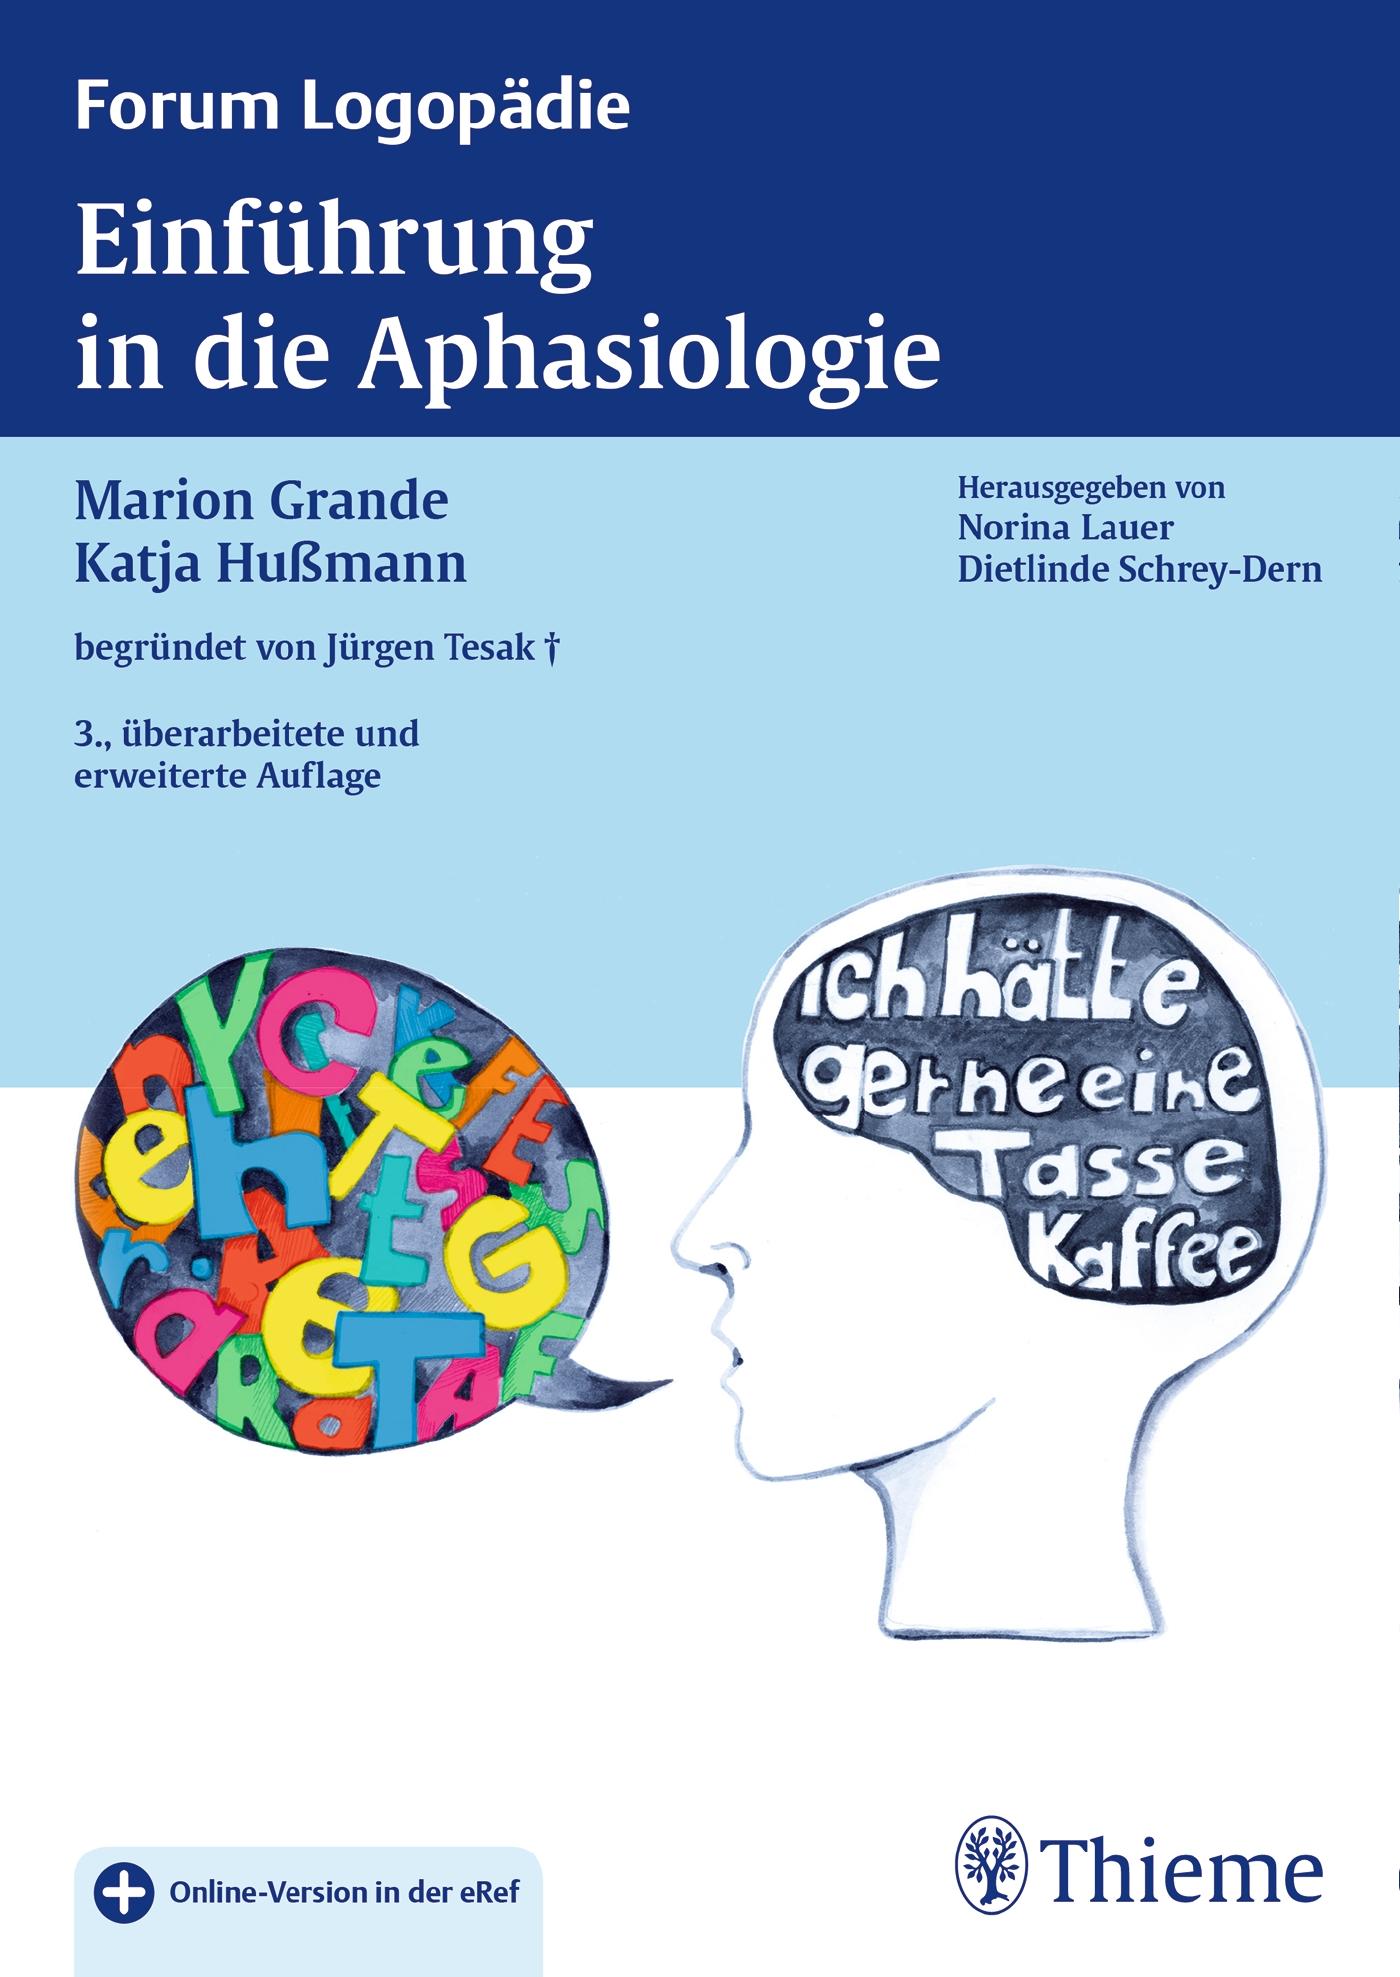 Einführung in die Aphasiologie